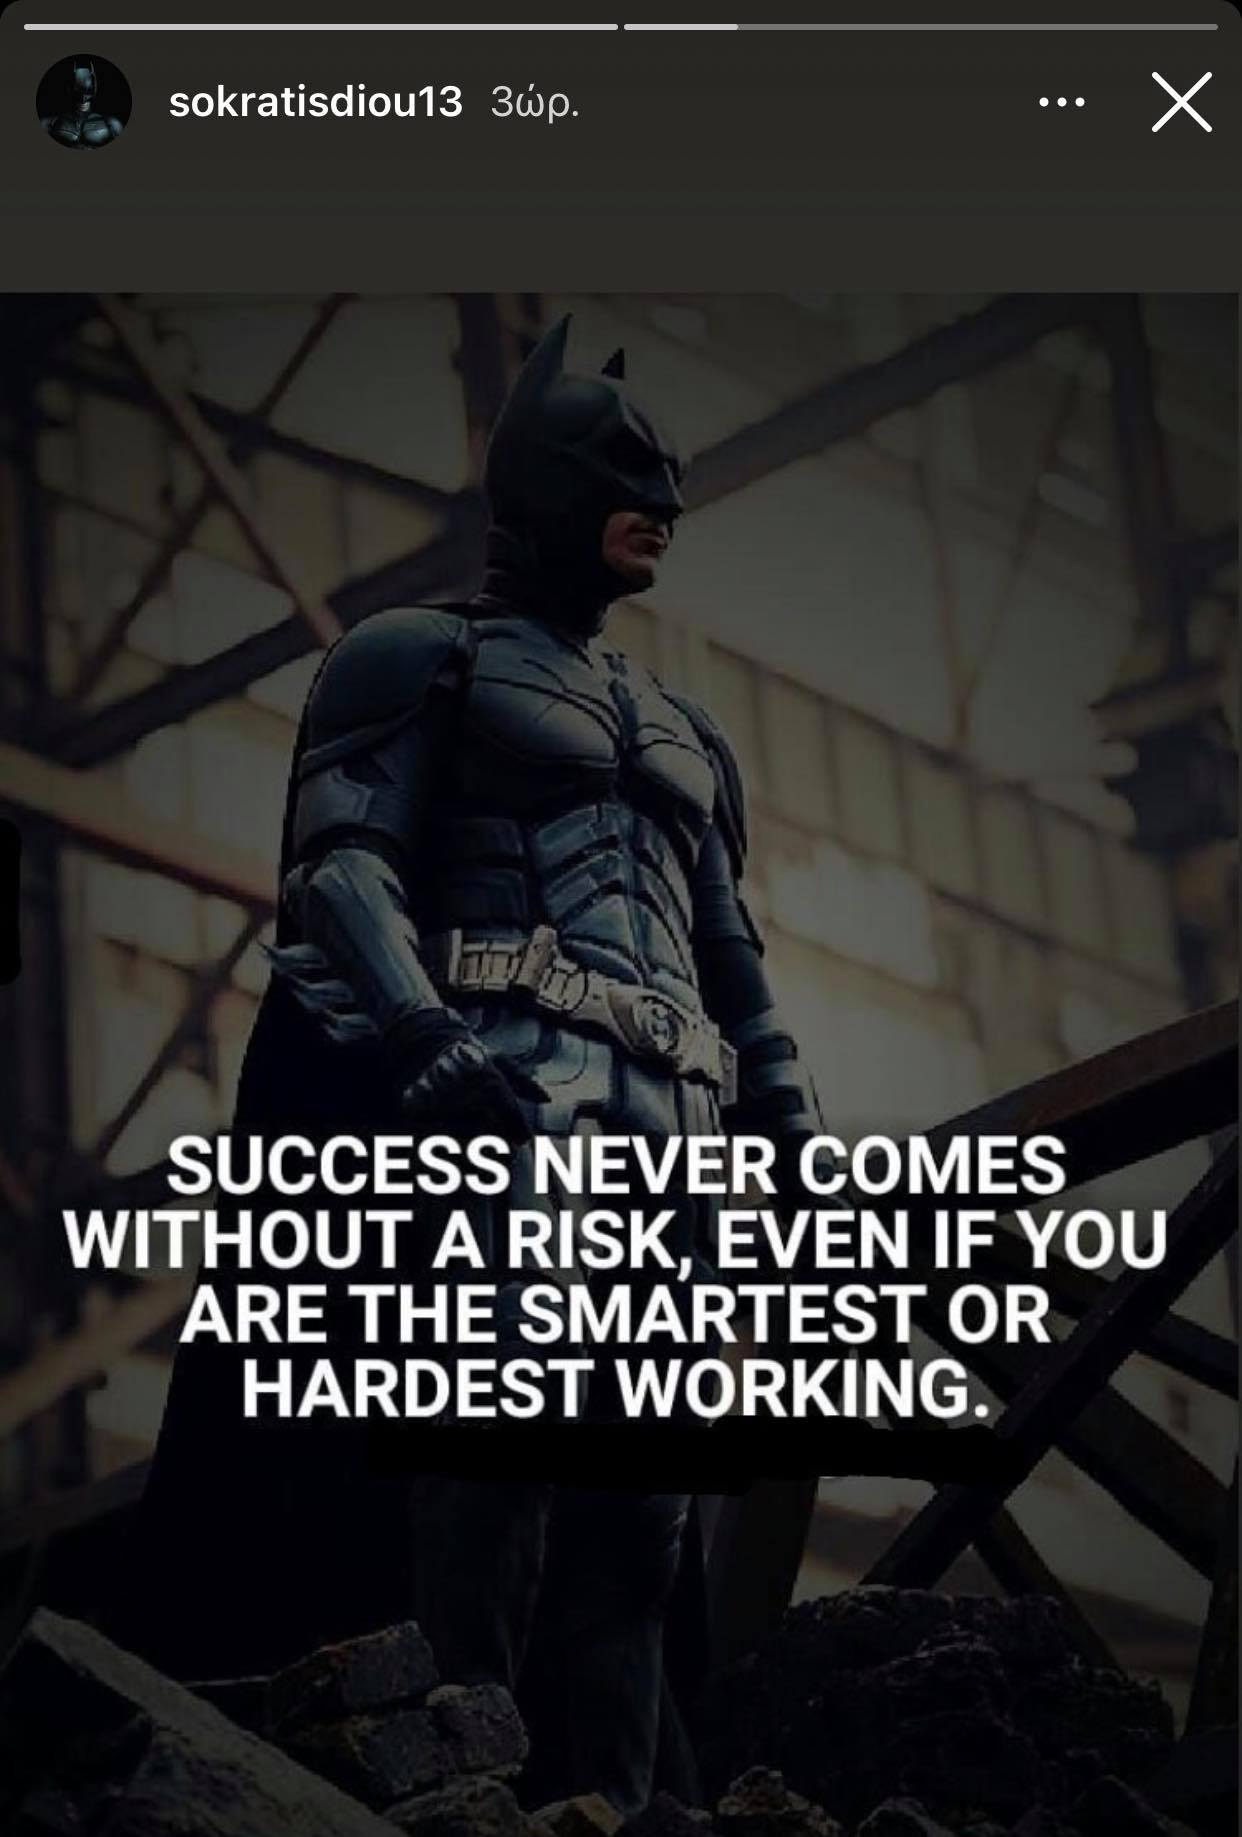 Διούδης: «Η επιτυχία δεν έρχεται ποτέ χωρίς ρίσκο»